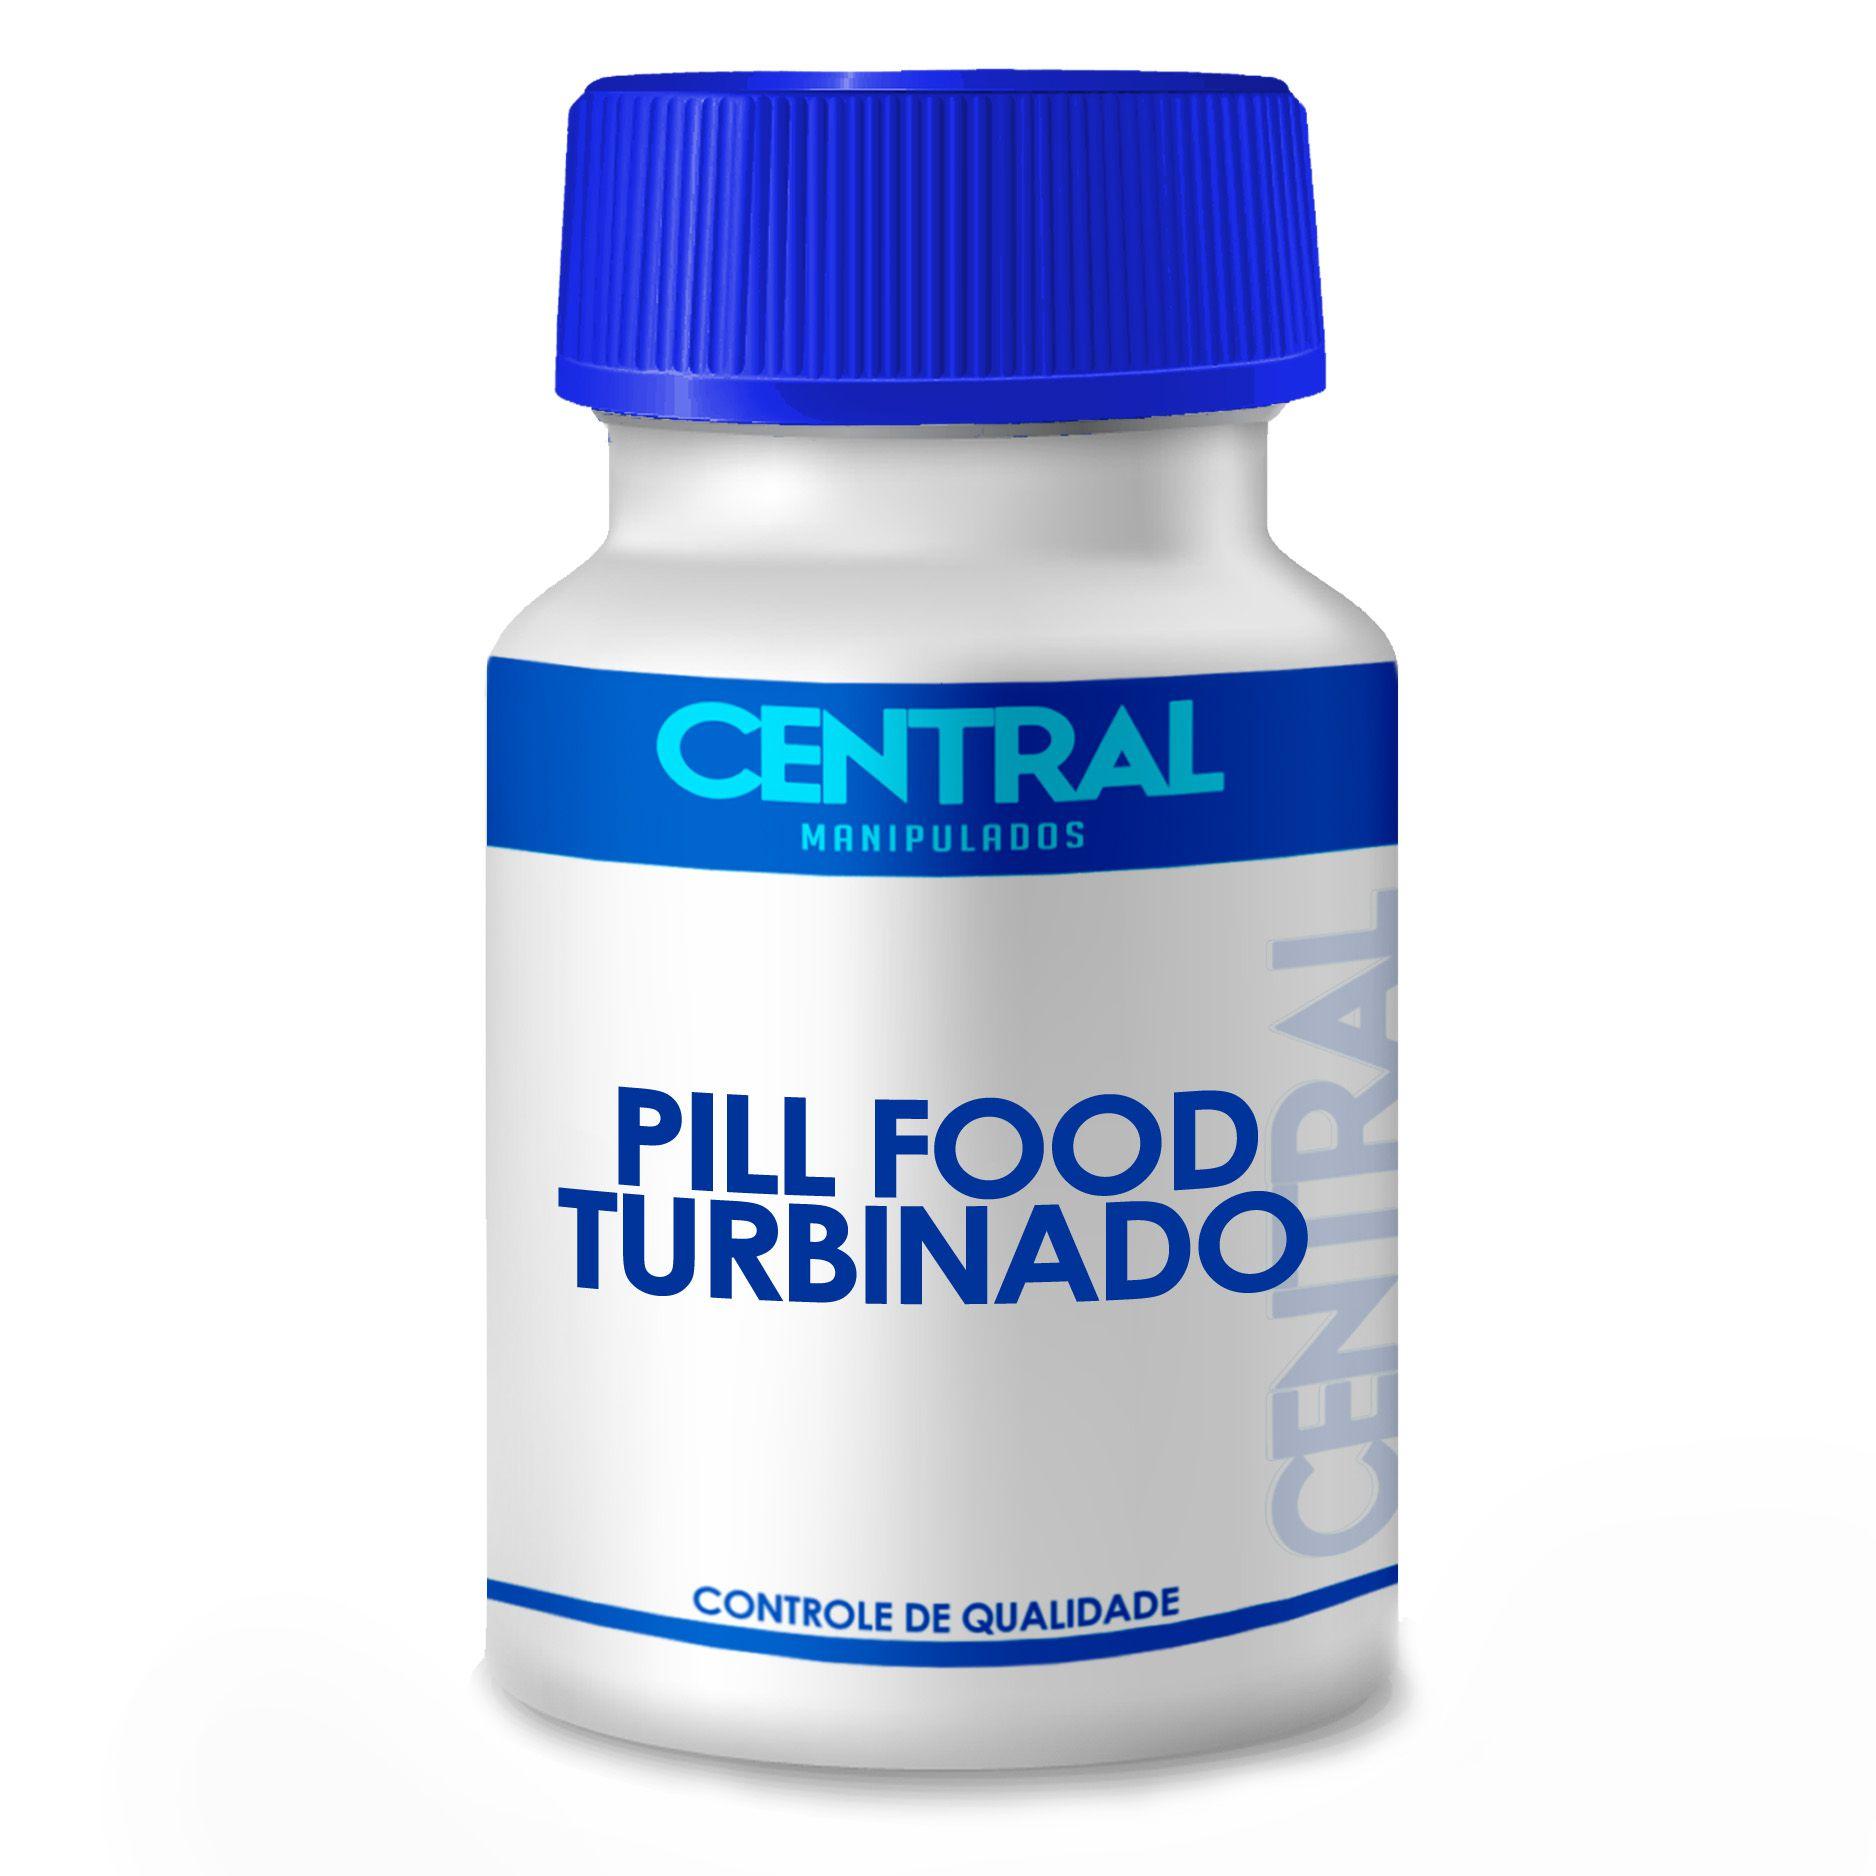 Pill Food Turbinado com 480 cápsulas - Cabelos Fortes